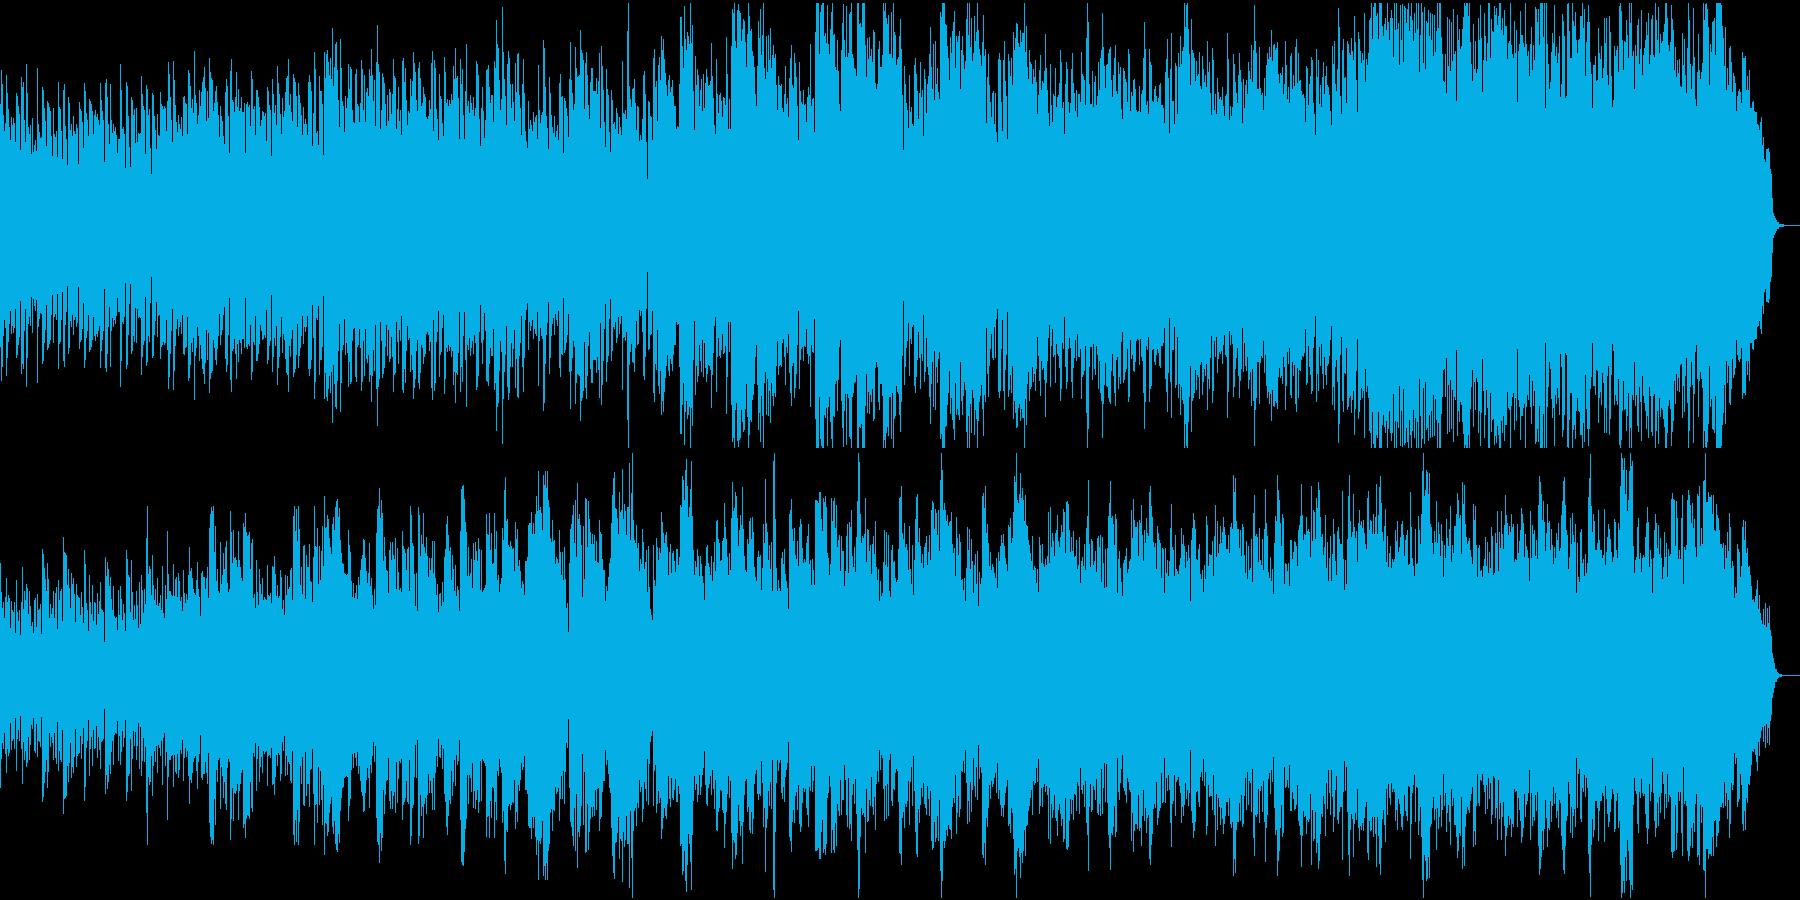 優しさに包まれる感動ピアノ4高音弦抜きの再生済みの波形